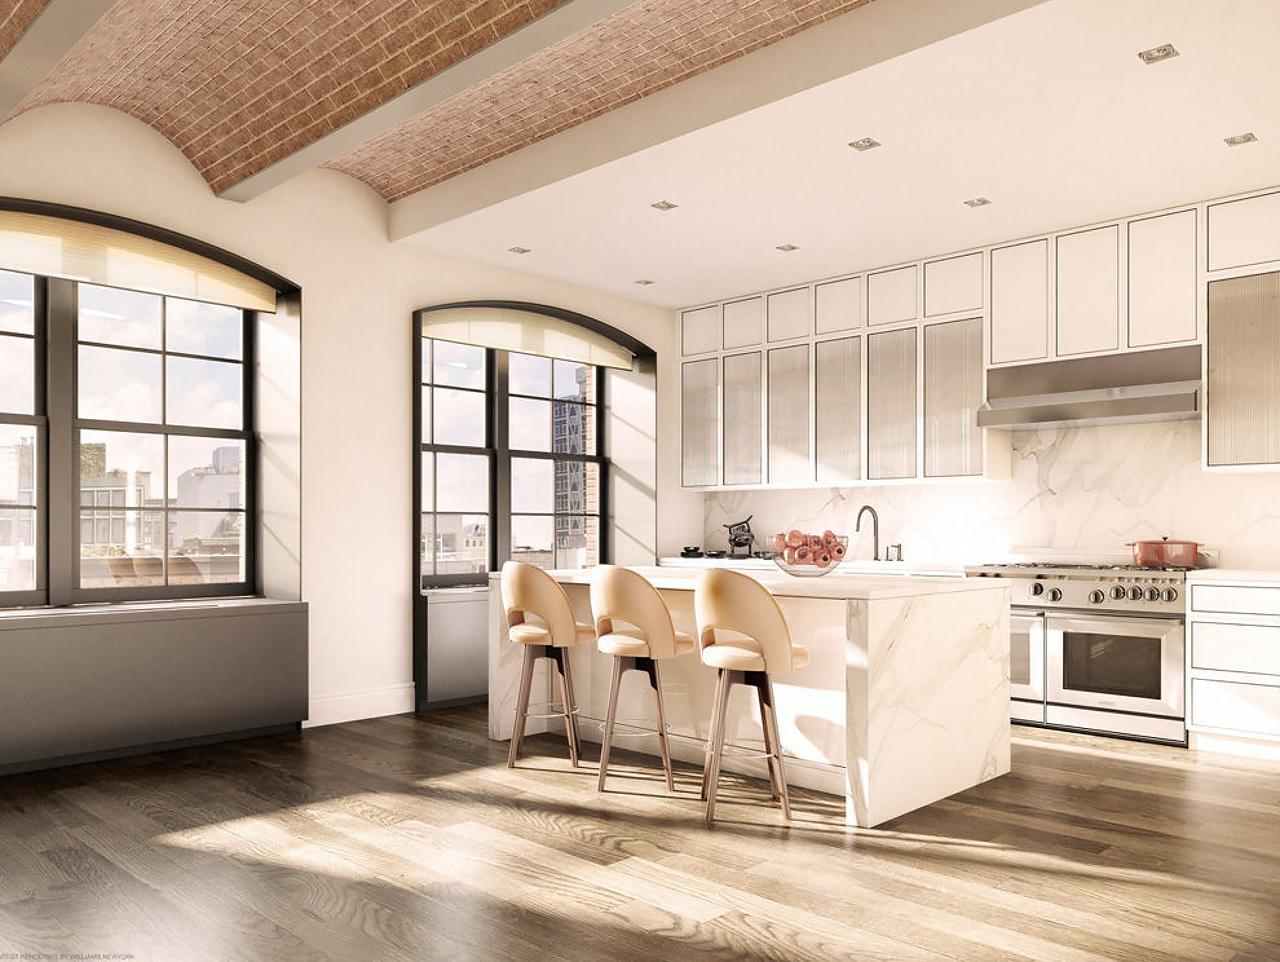 36_bleecker_street_kitchen_nyc_condos.jpg